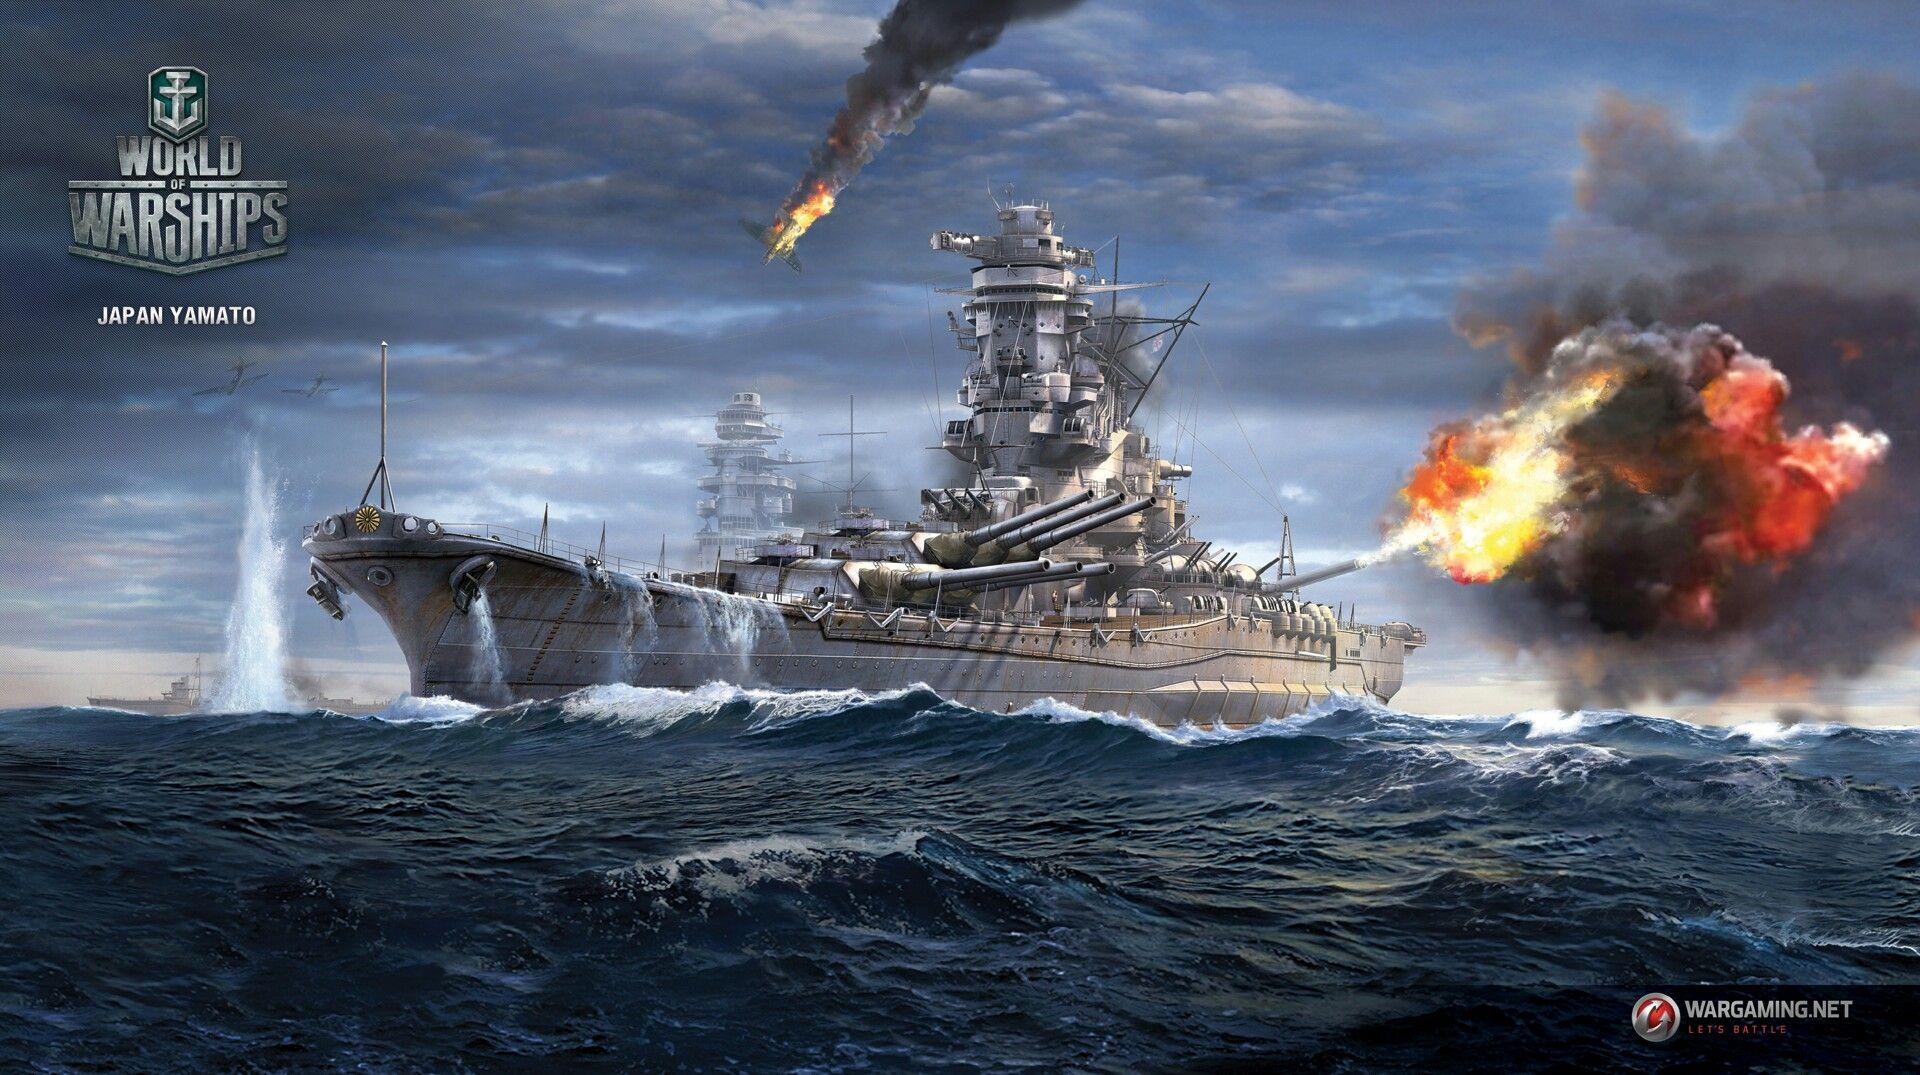 Rty の画像 投稿者 Kyriakos Mpompolas さん 海軍 戦艦 戦艦 大和